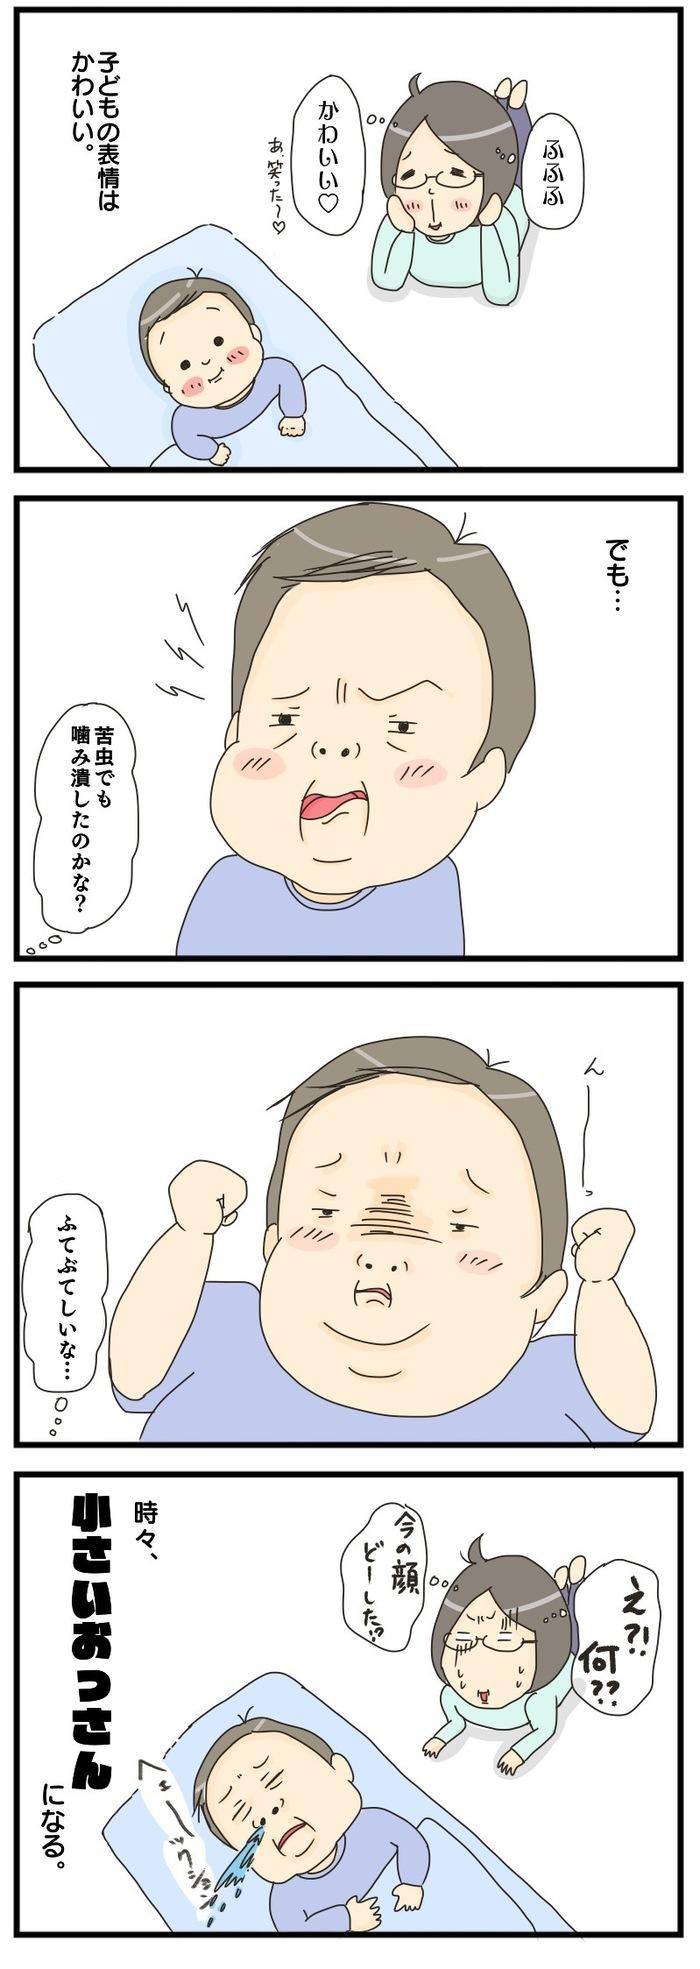 おっさんみたいな顔してる!?赤ちゃんを産んで衝撃だったことの画像2